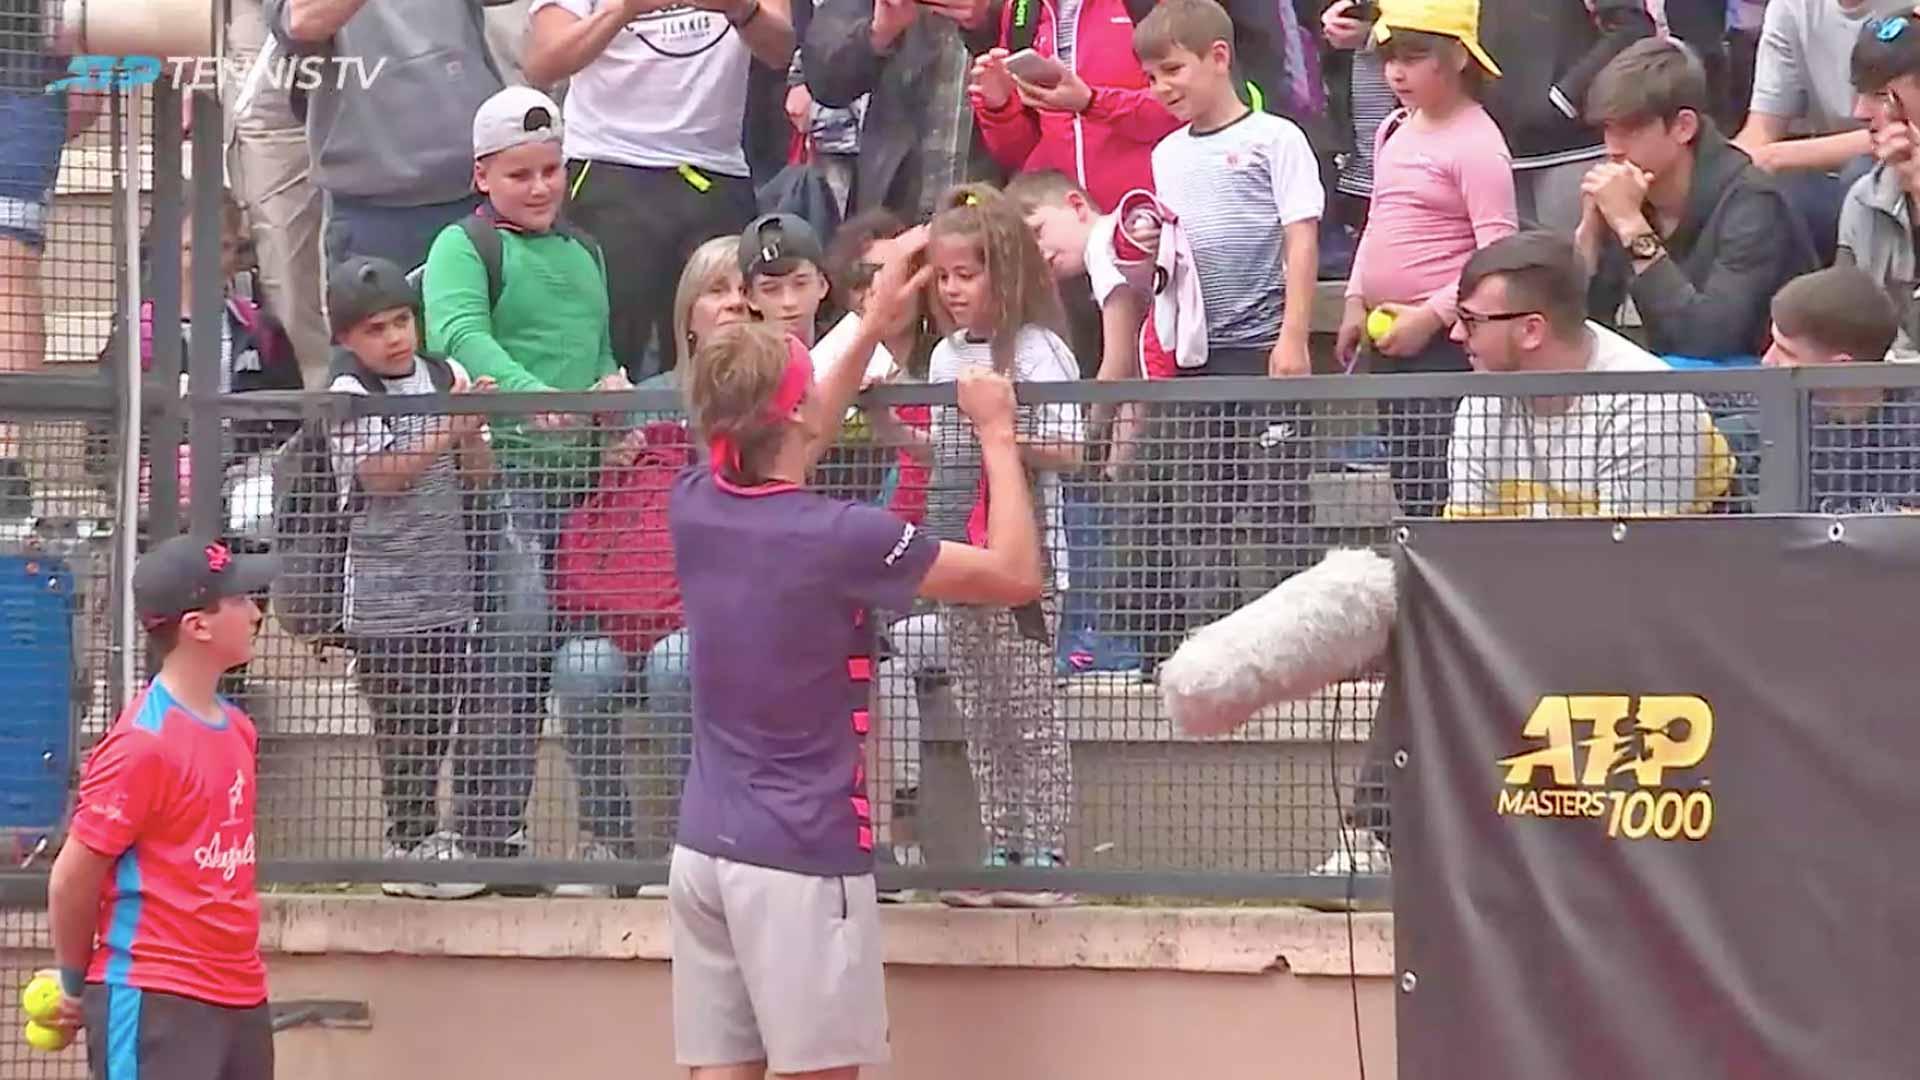 Zverev gives a fan a headband in Rome